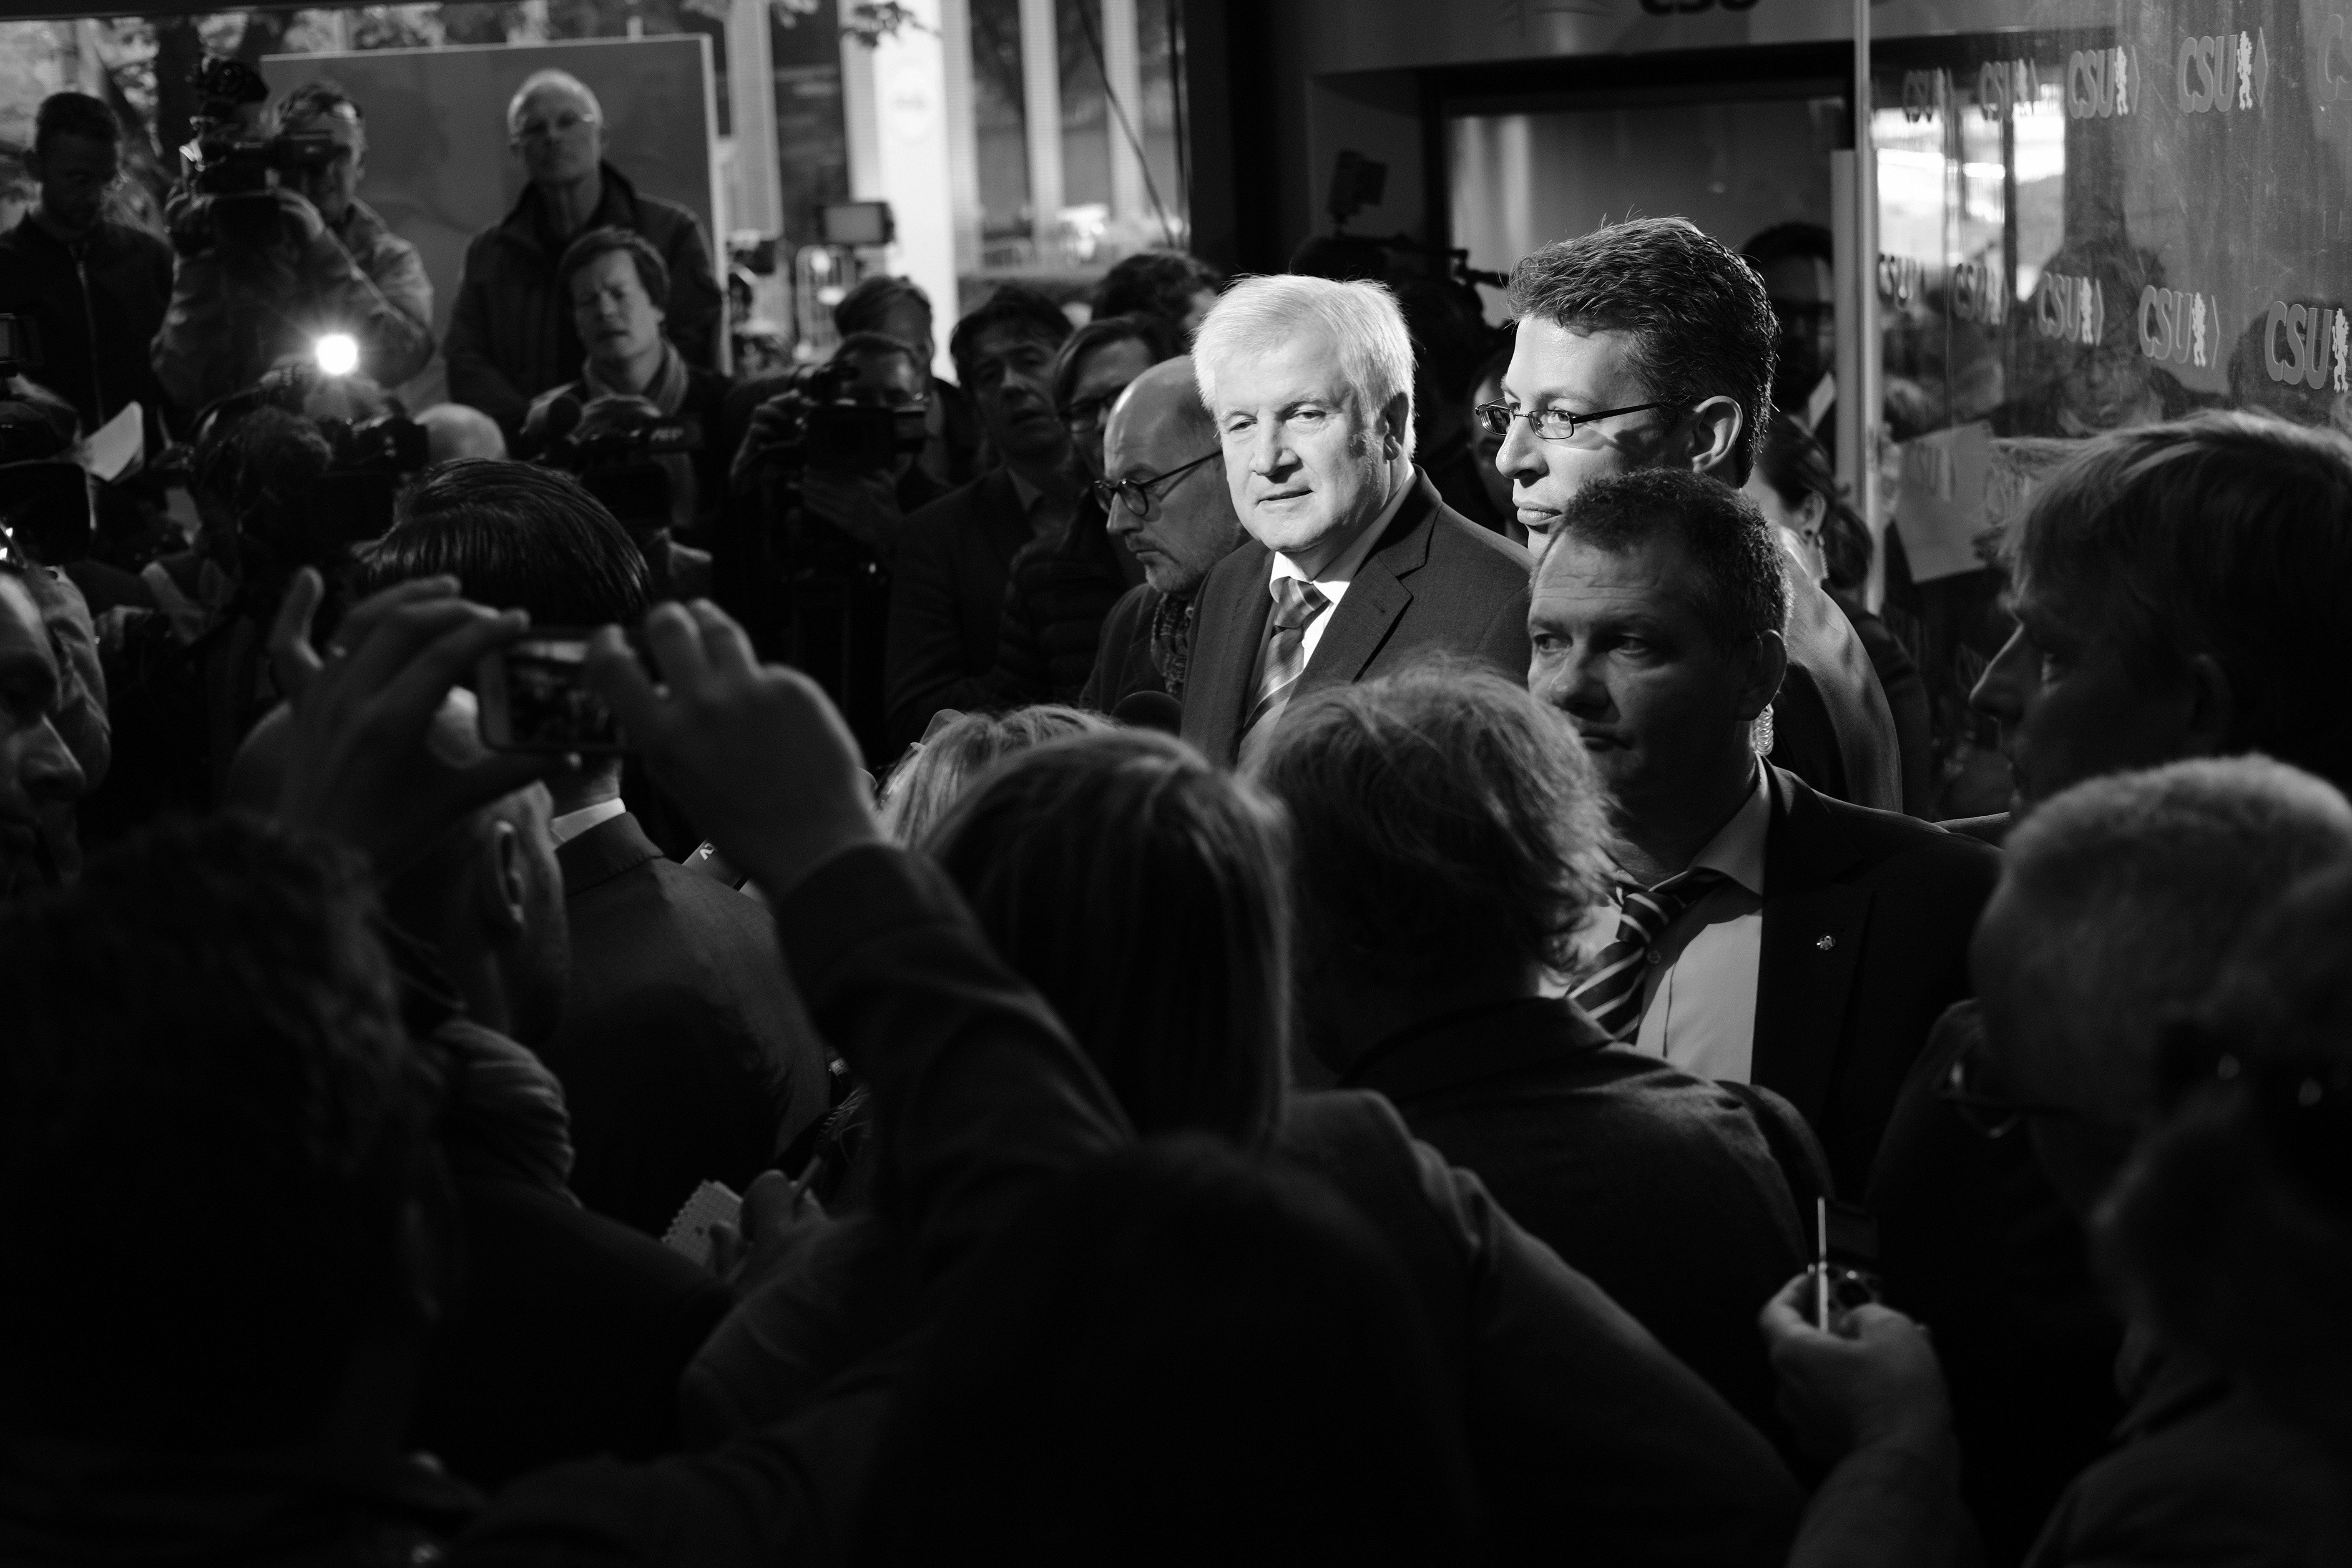 Bayernwahl: 7 erstaunliche Entwicklungen, die ihr kennen